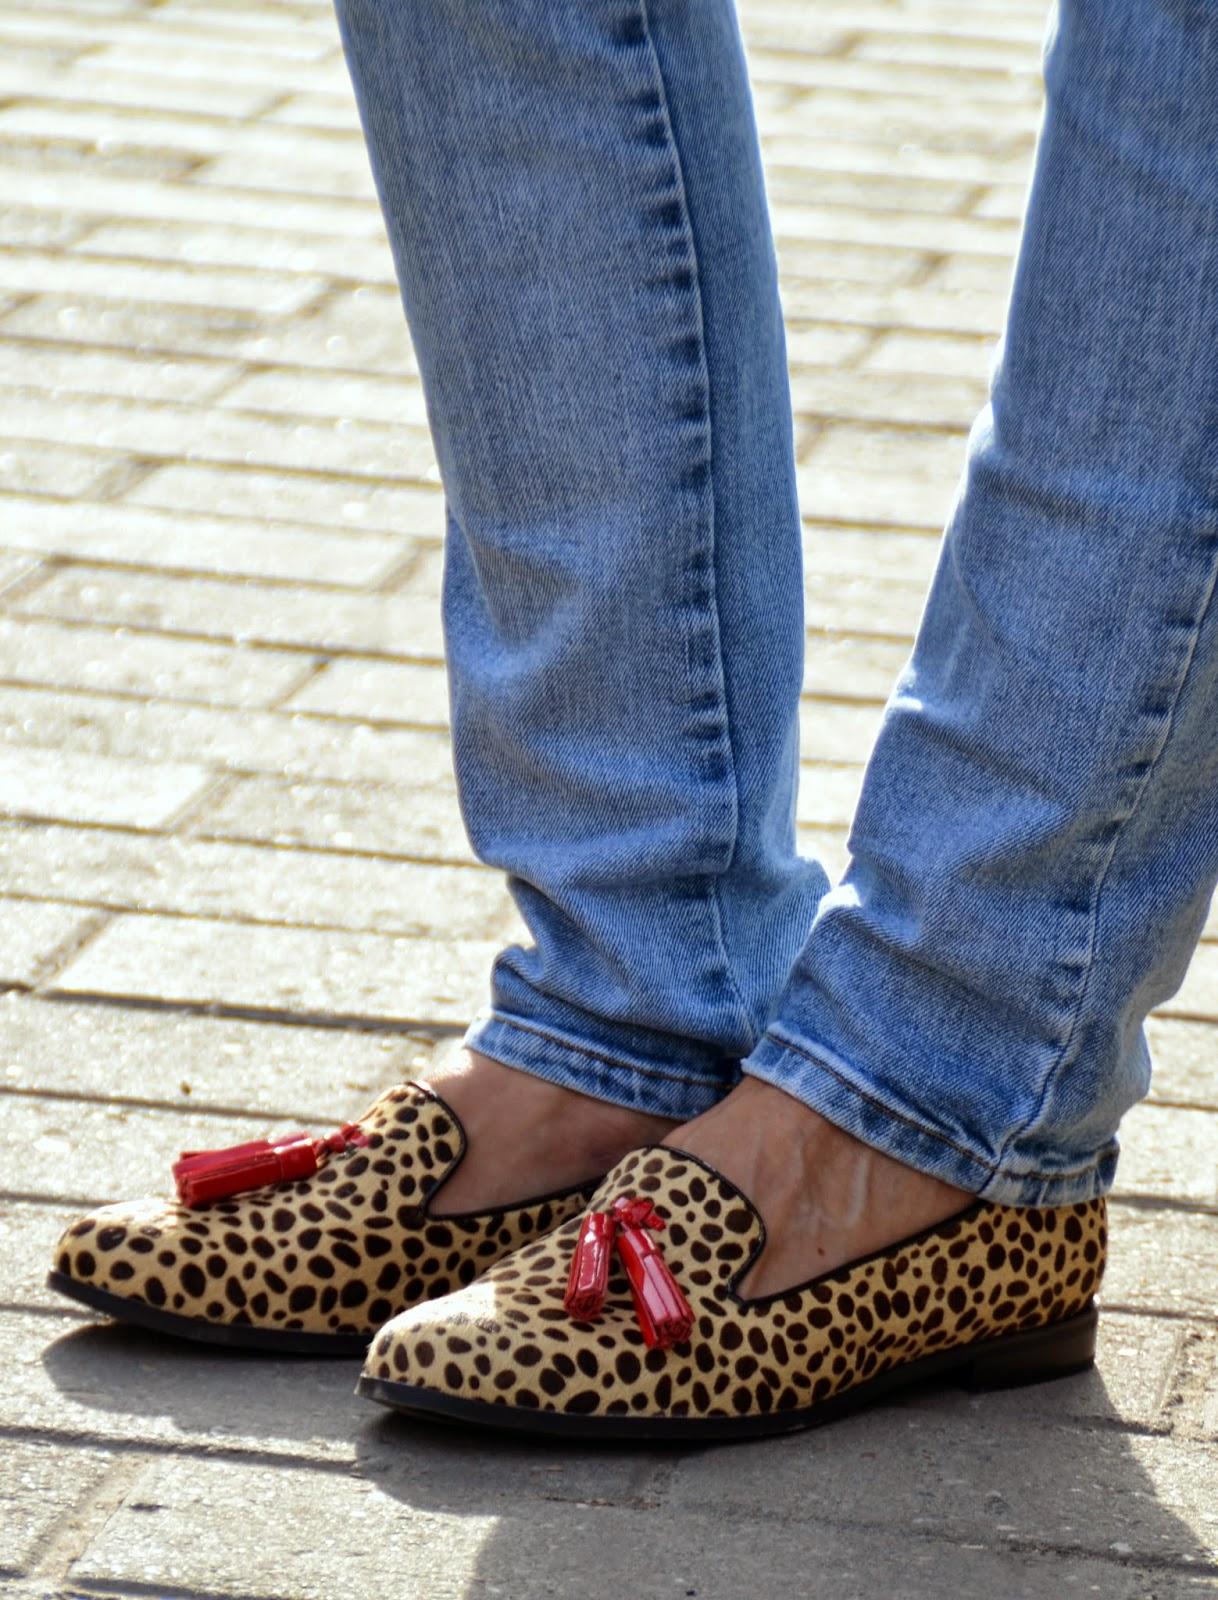 leopard-fur-tassel-loafers-zara-jeans